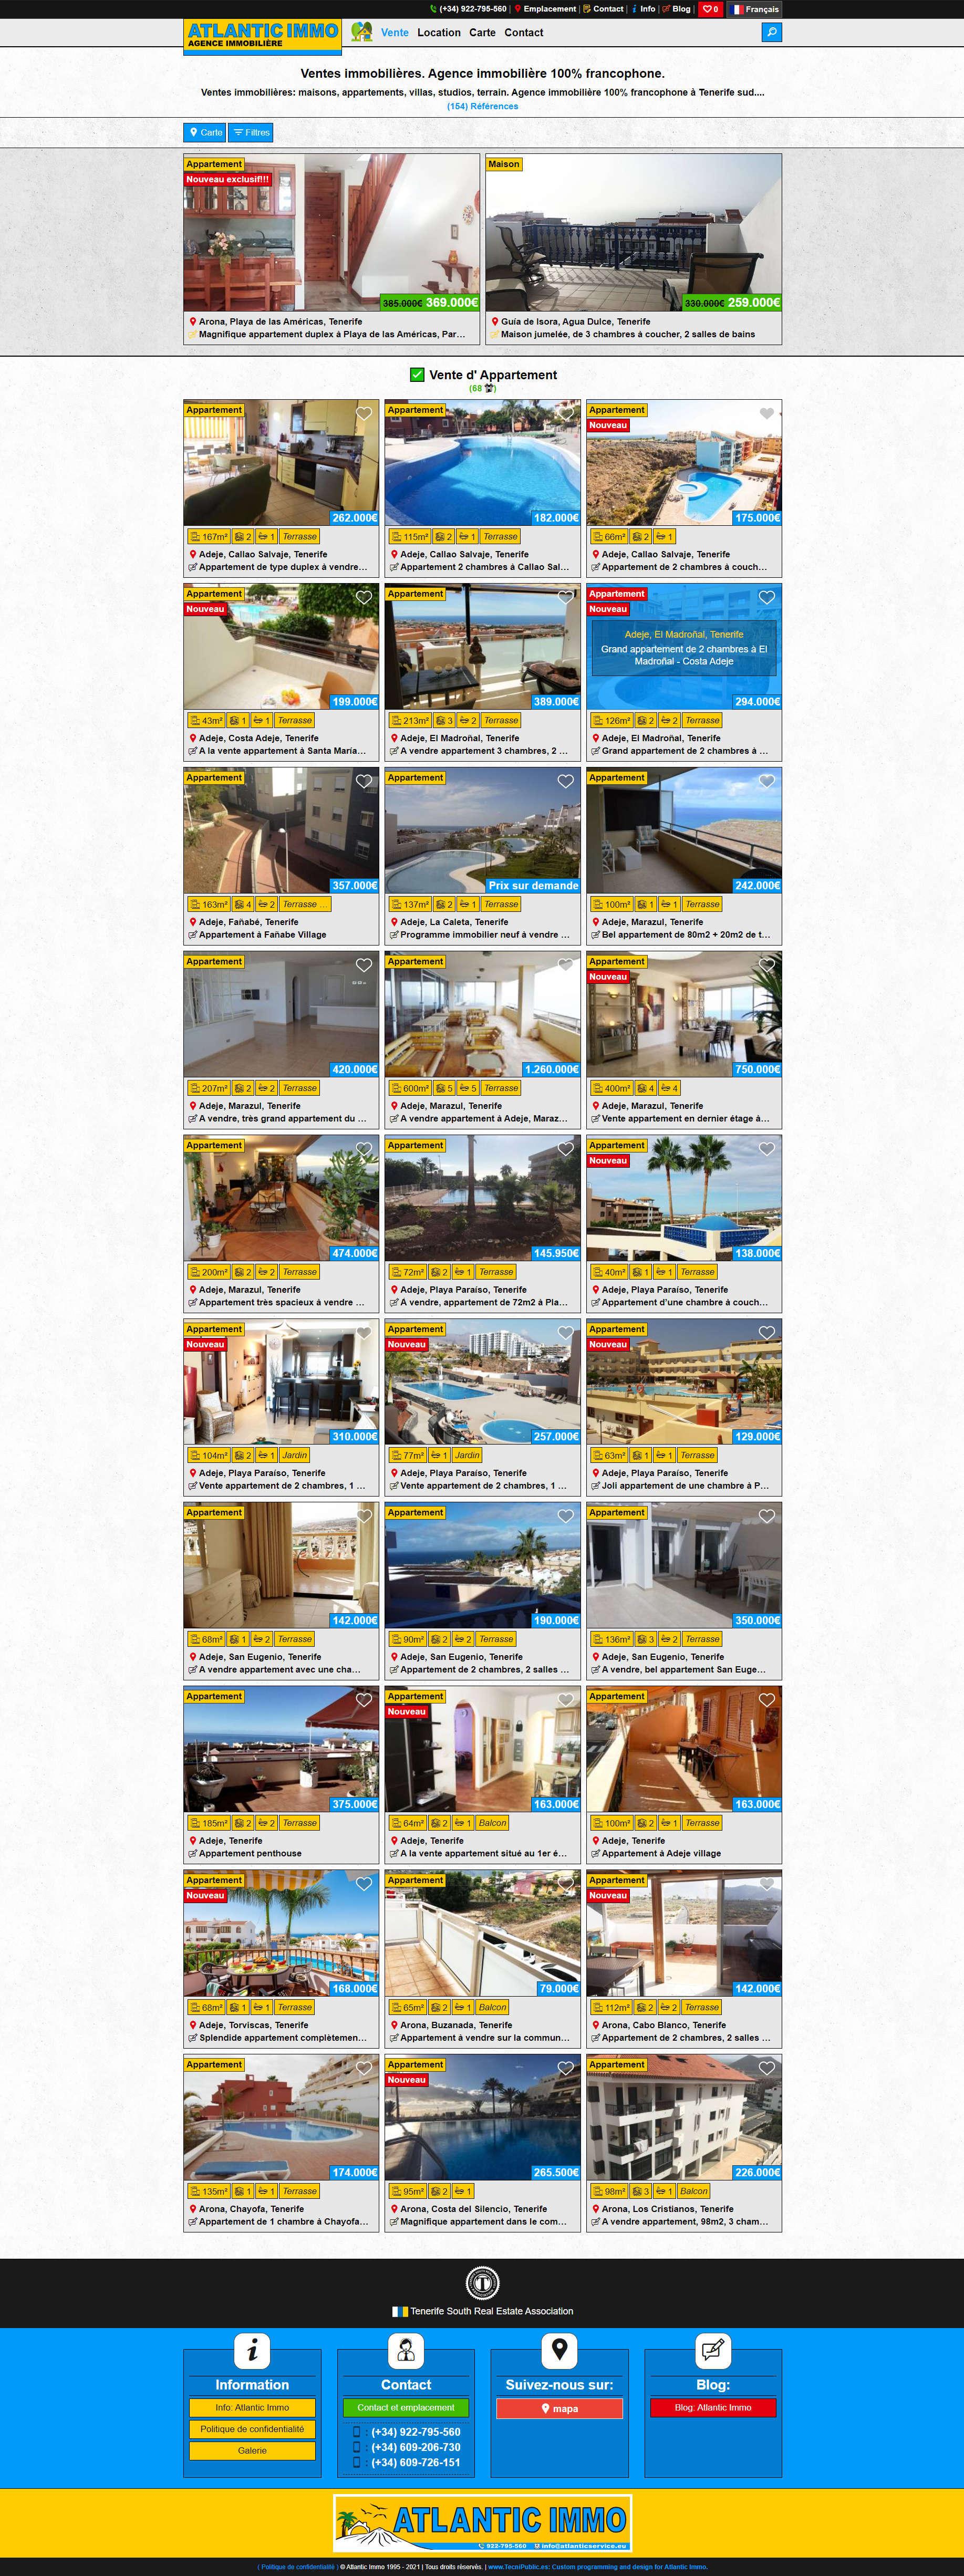 Atlantic Properties - Categoría